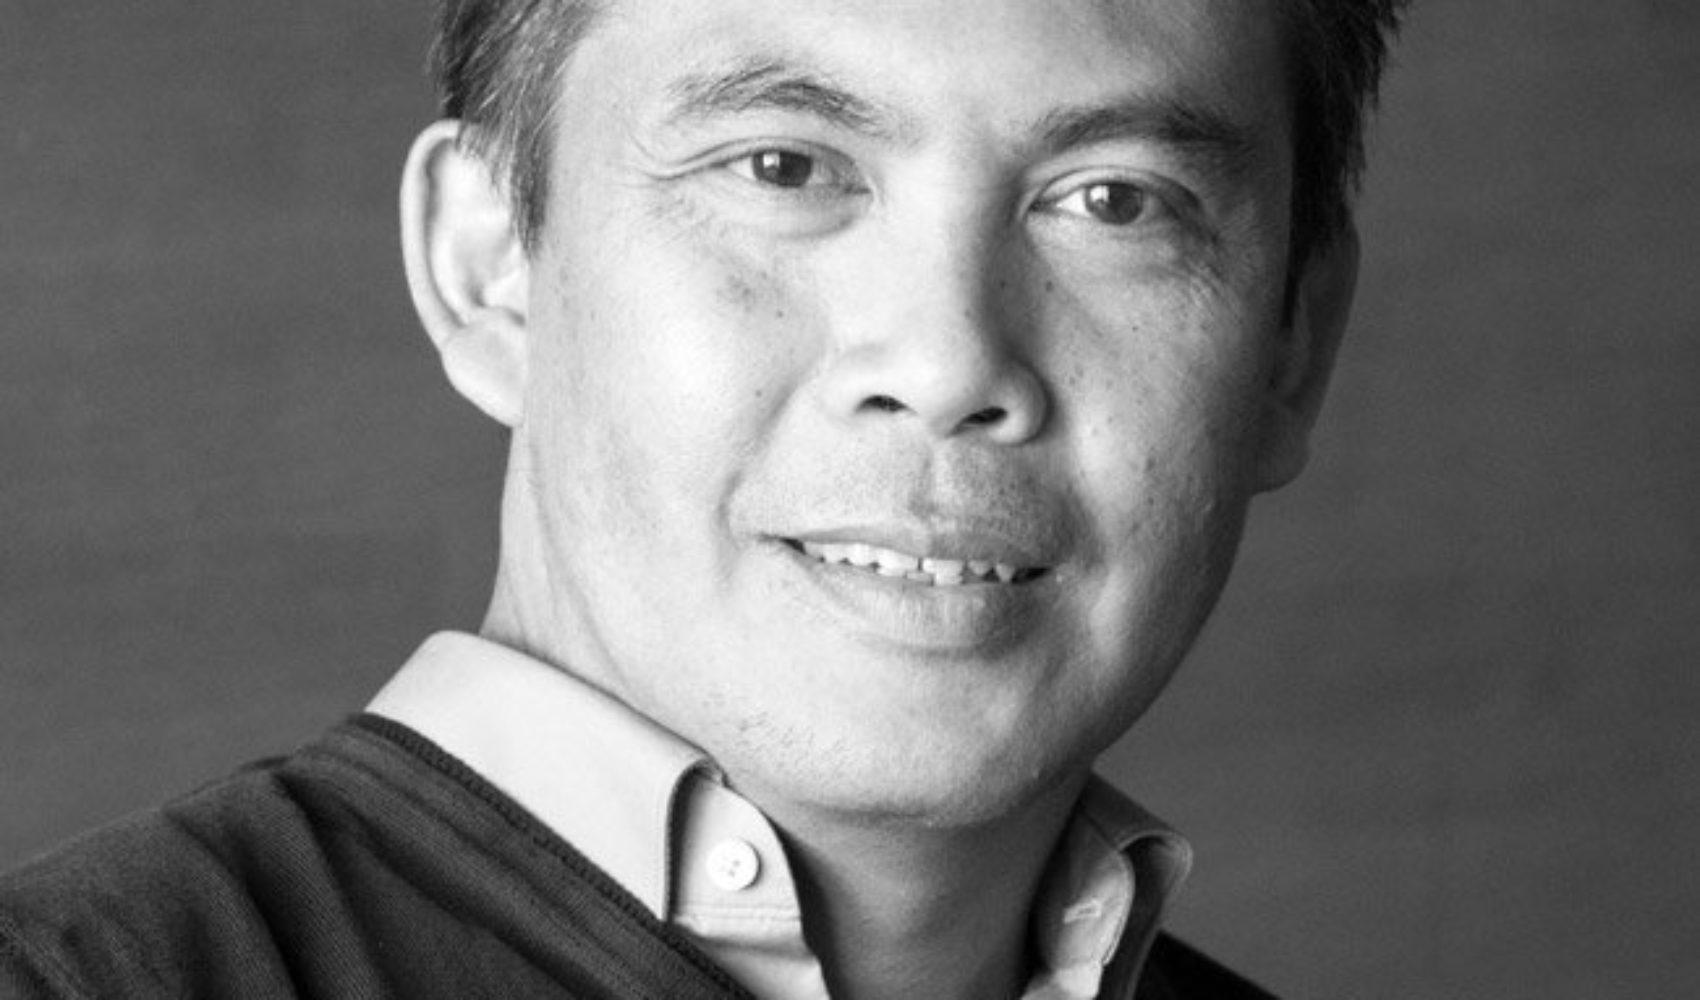 Die indonesische Küche ist ein Gefühl - Besuch bei Kochlegende Agus Hermawan